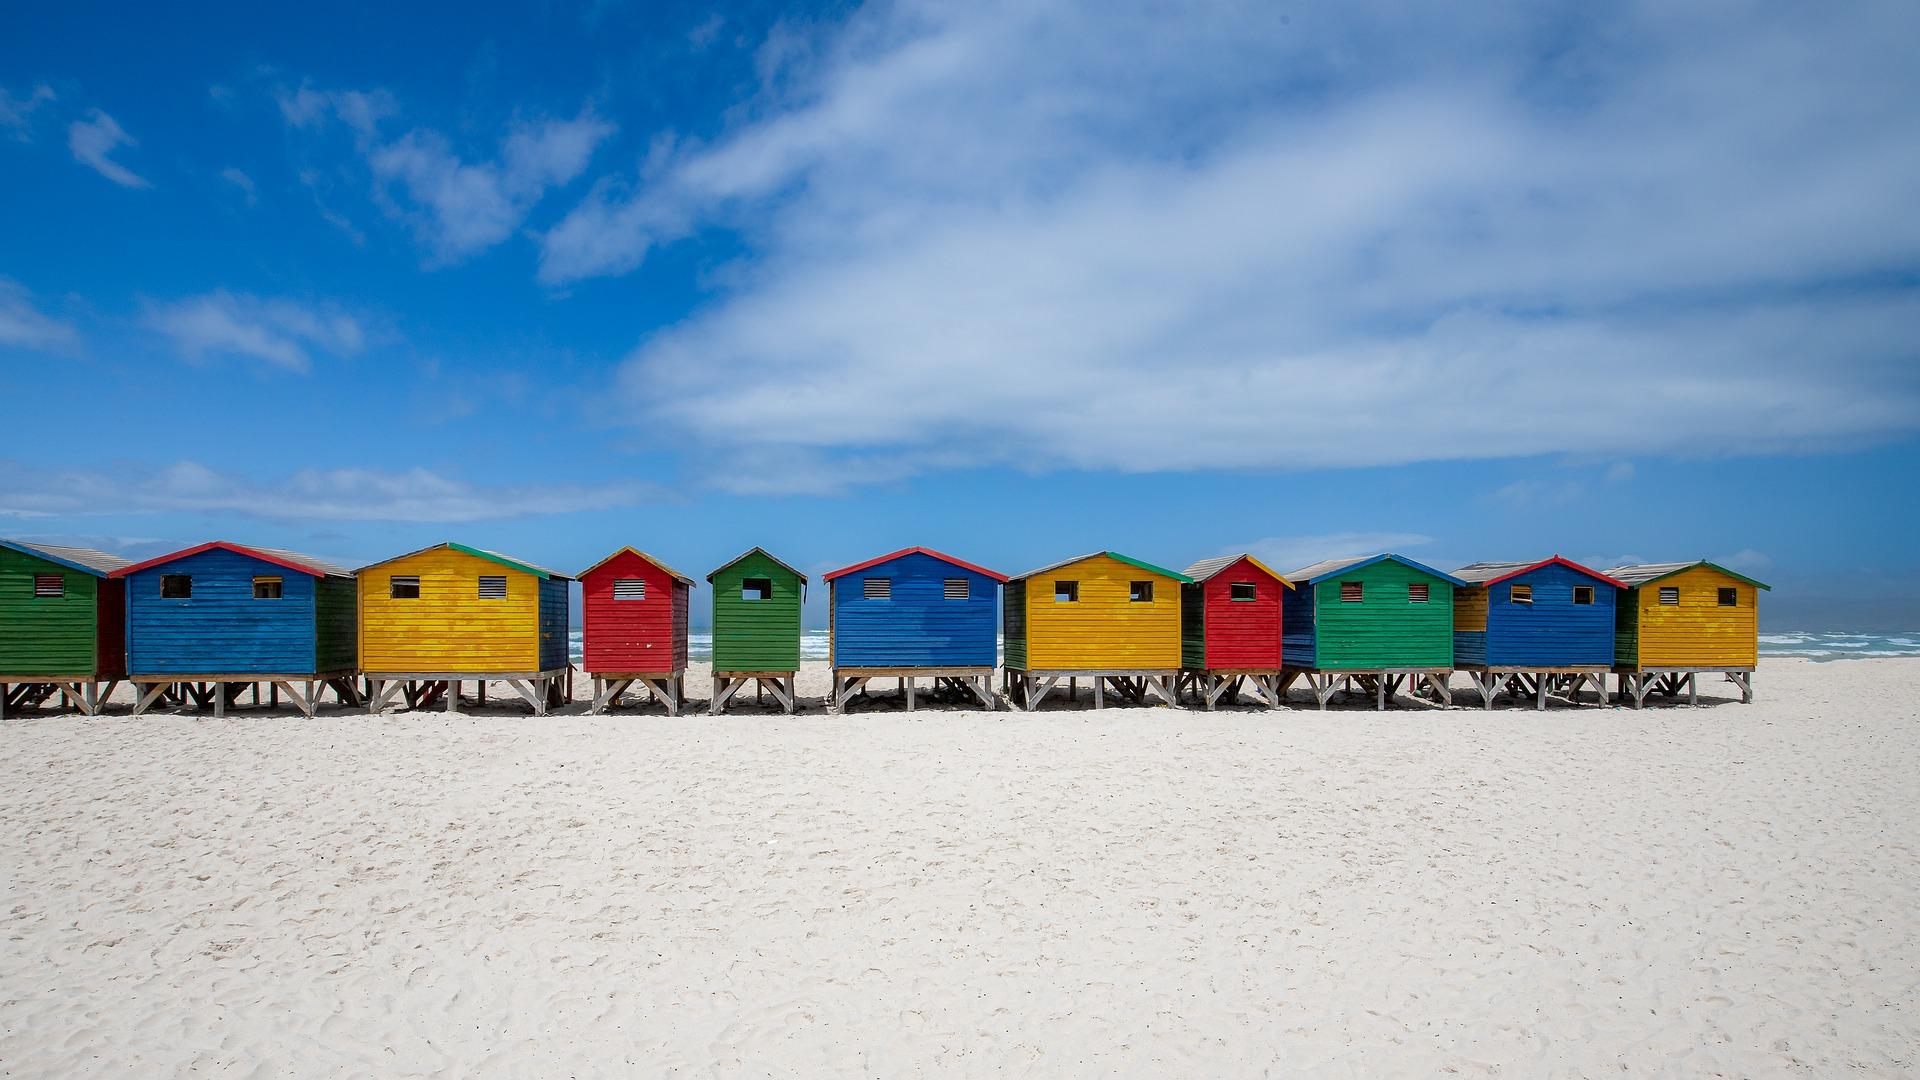 Multicoloured beach houses